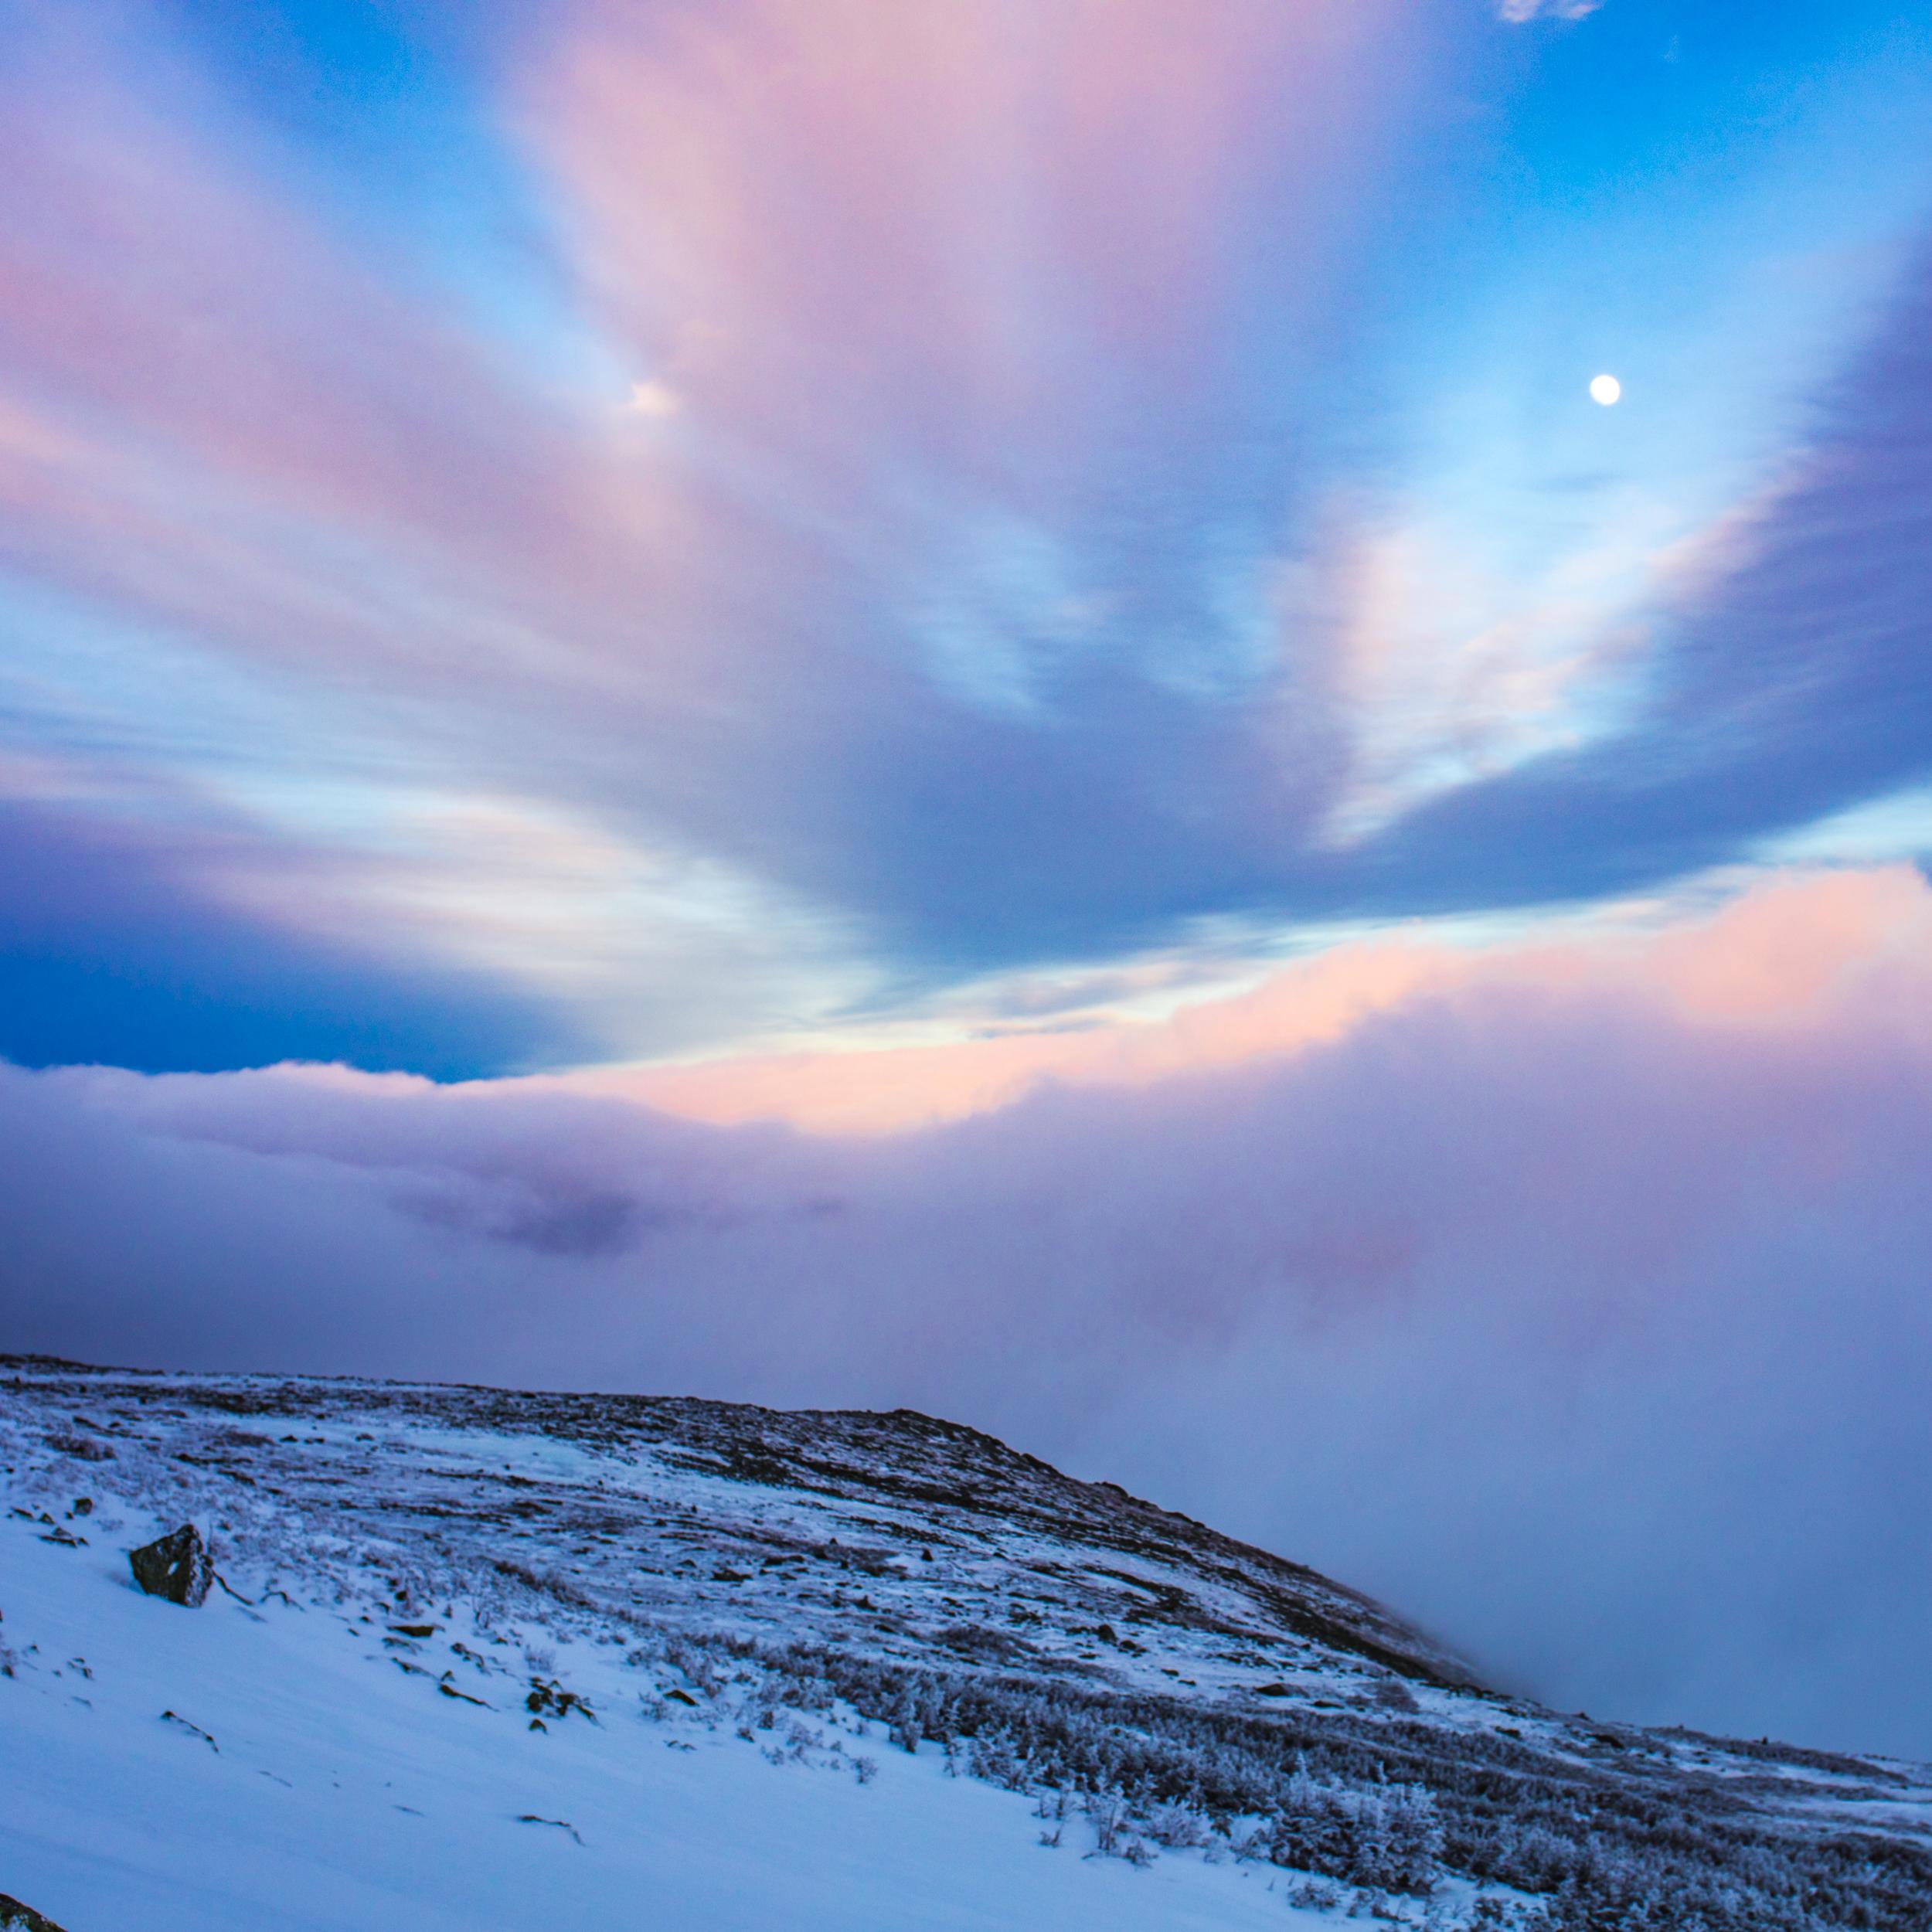 Mount Washington Clouds.jpg